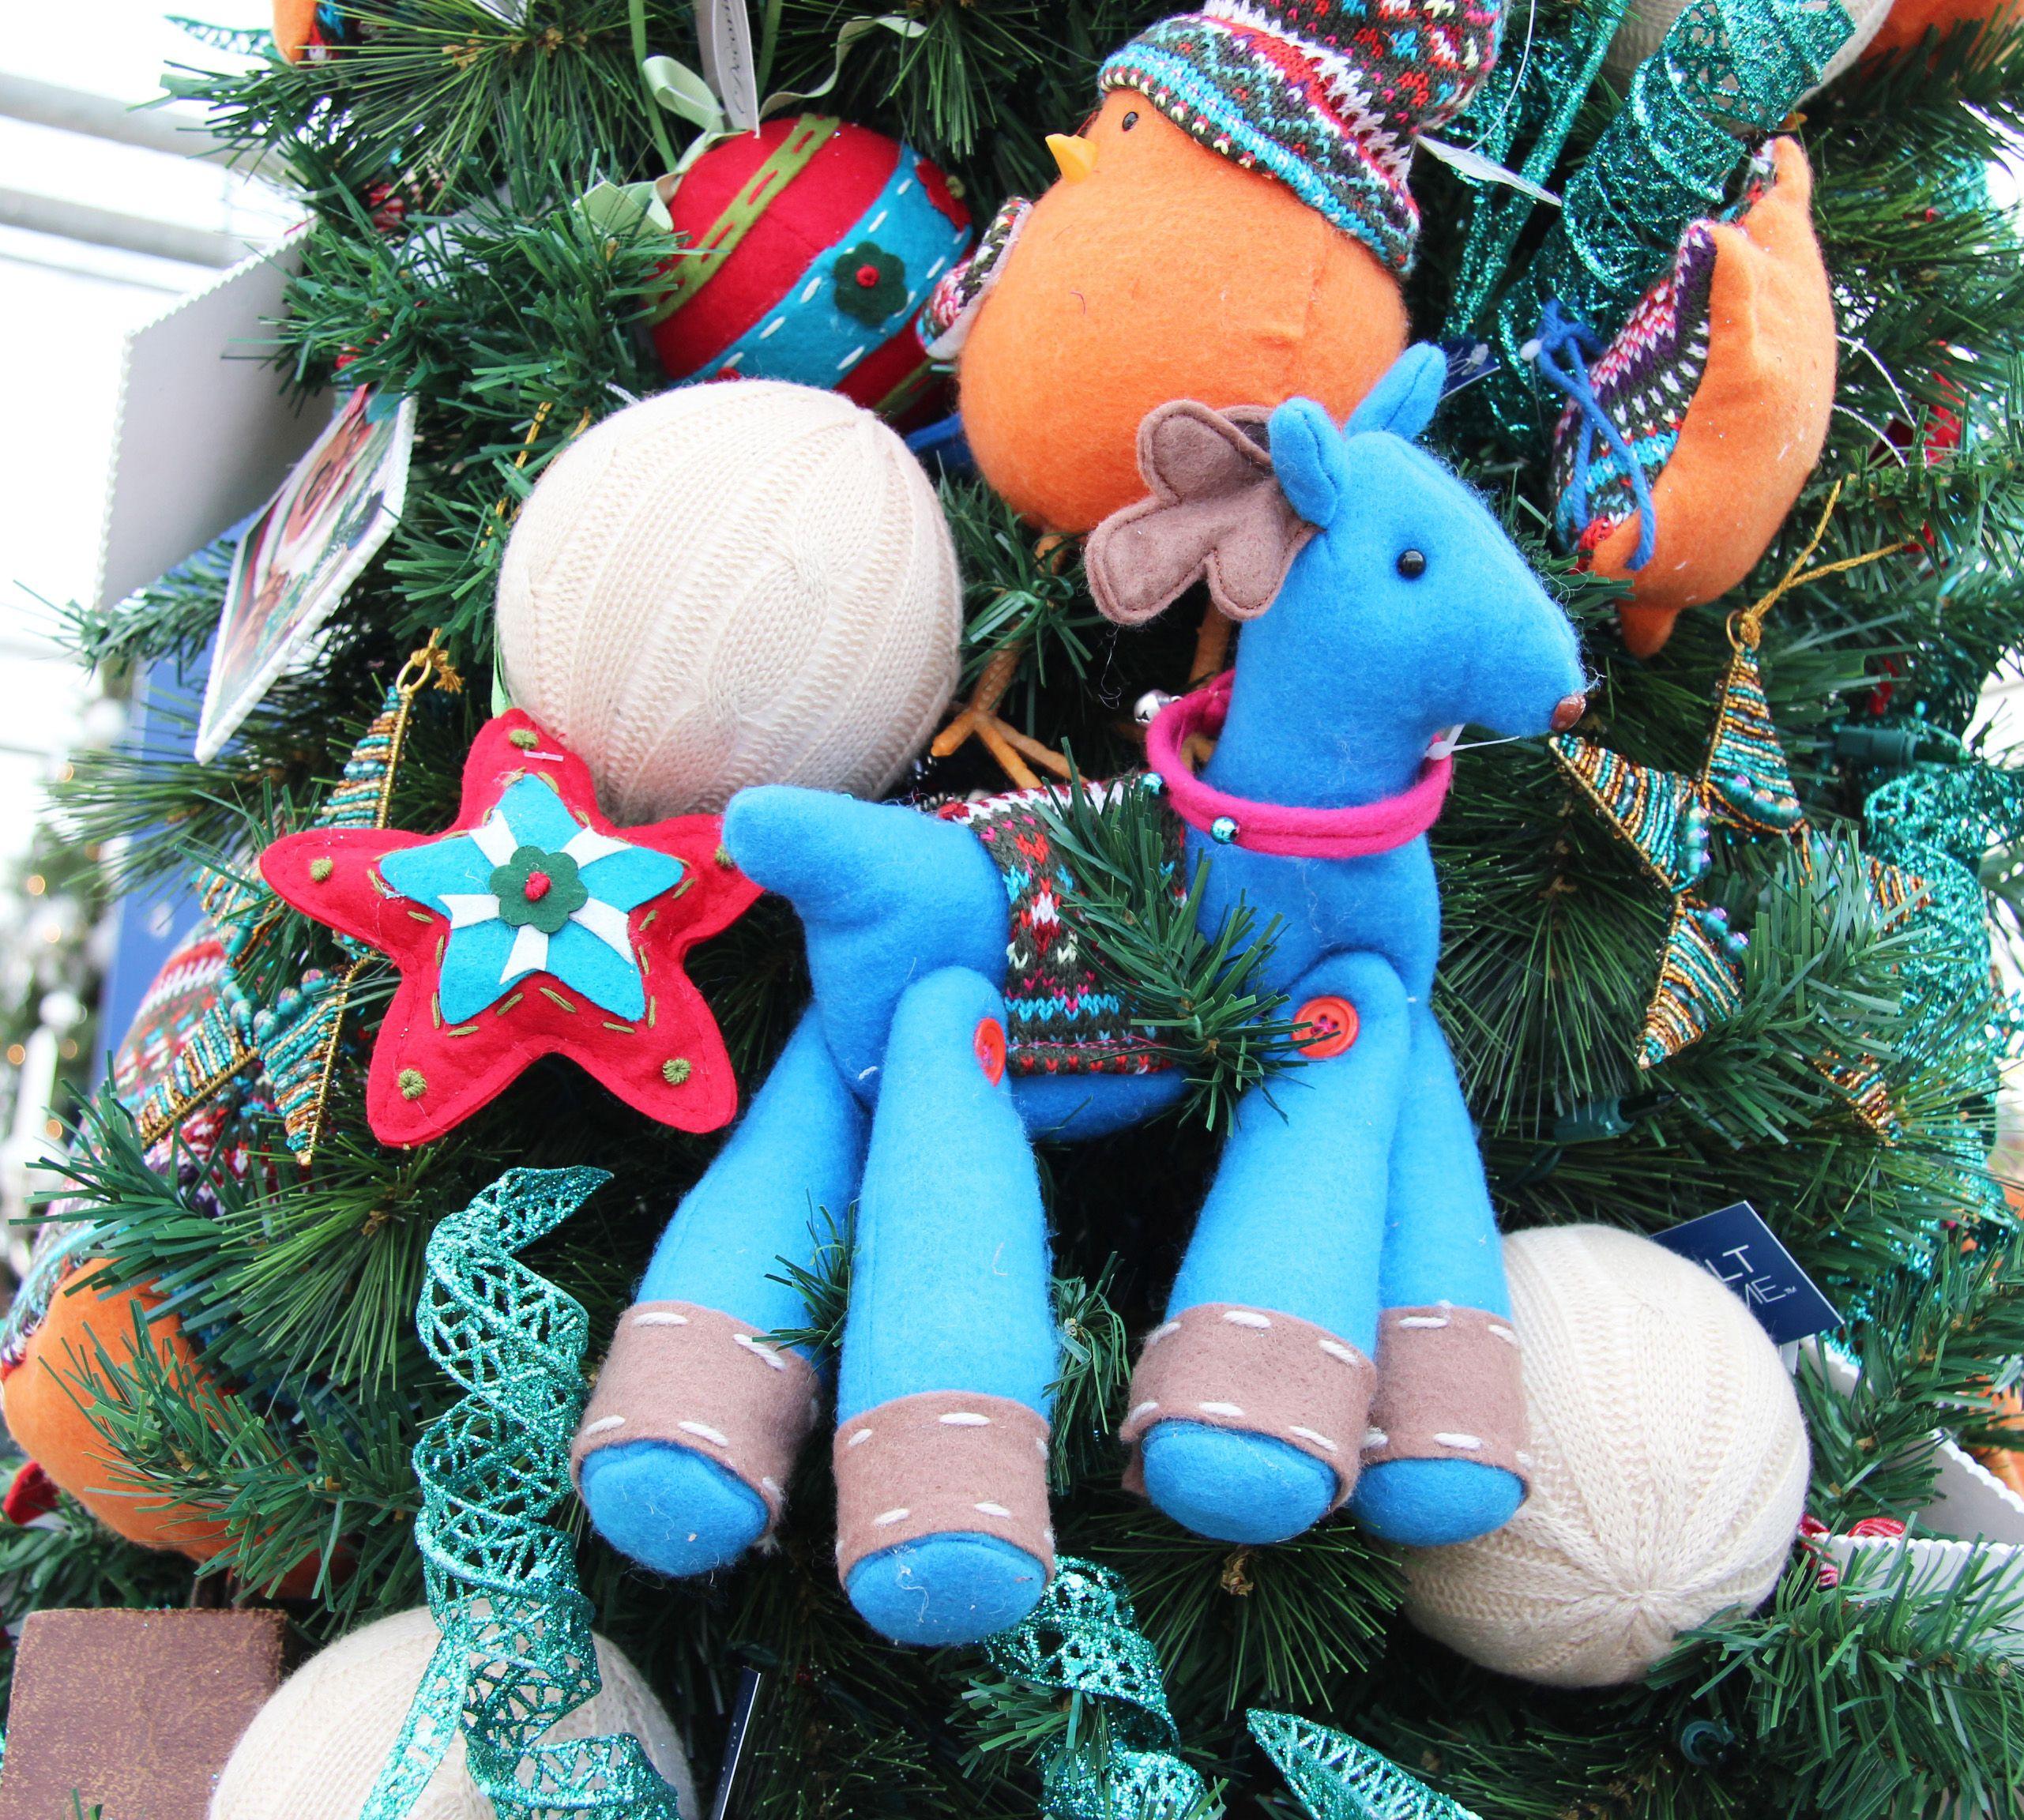 Christmas Decor Christmas Tree Themes Christmas Decorations Christmas Words